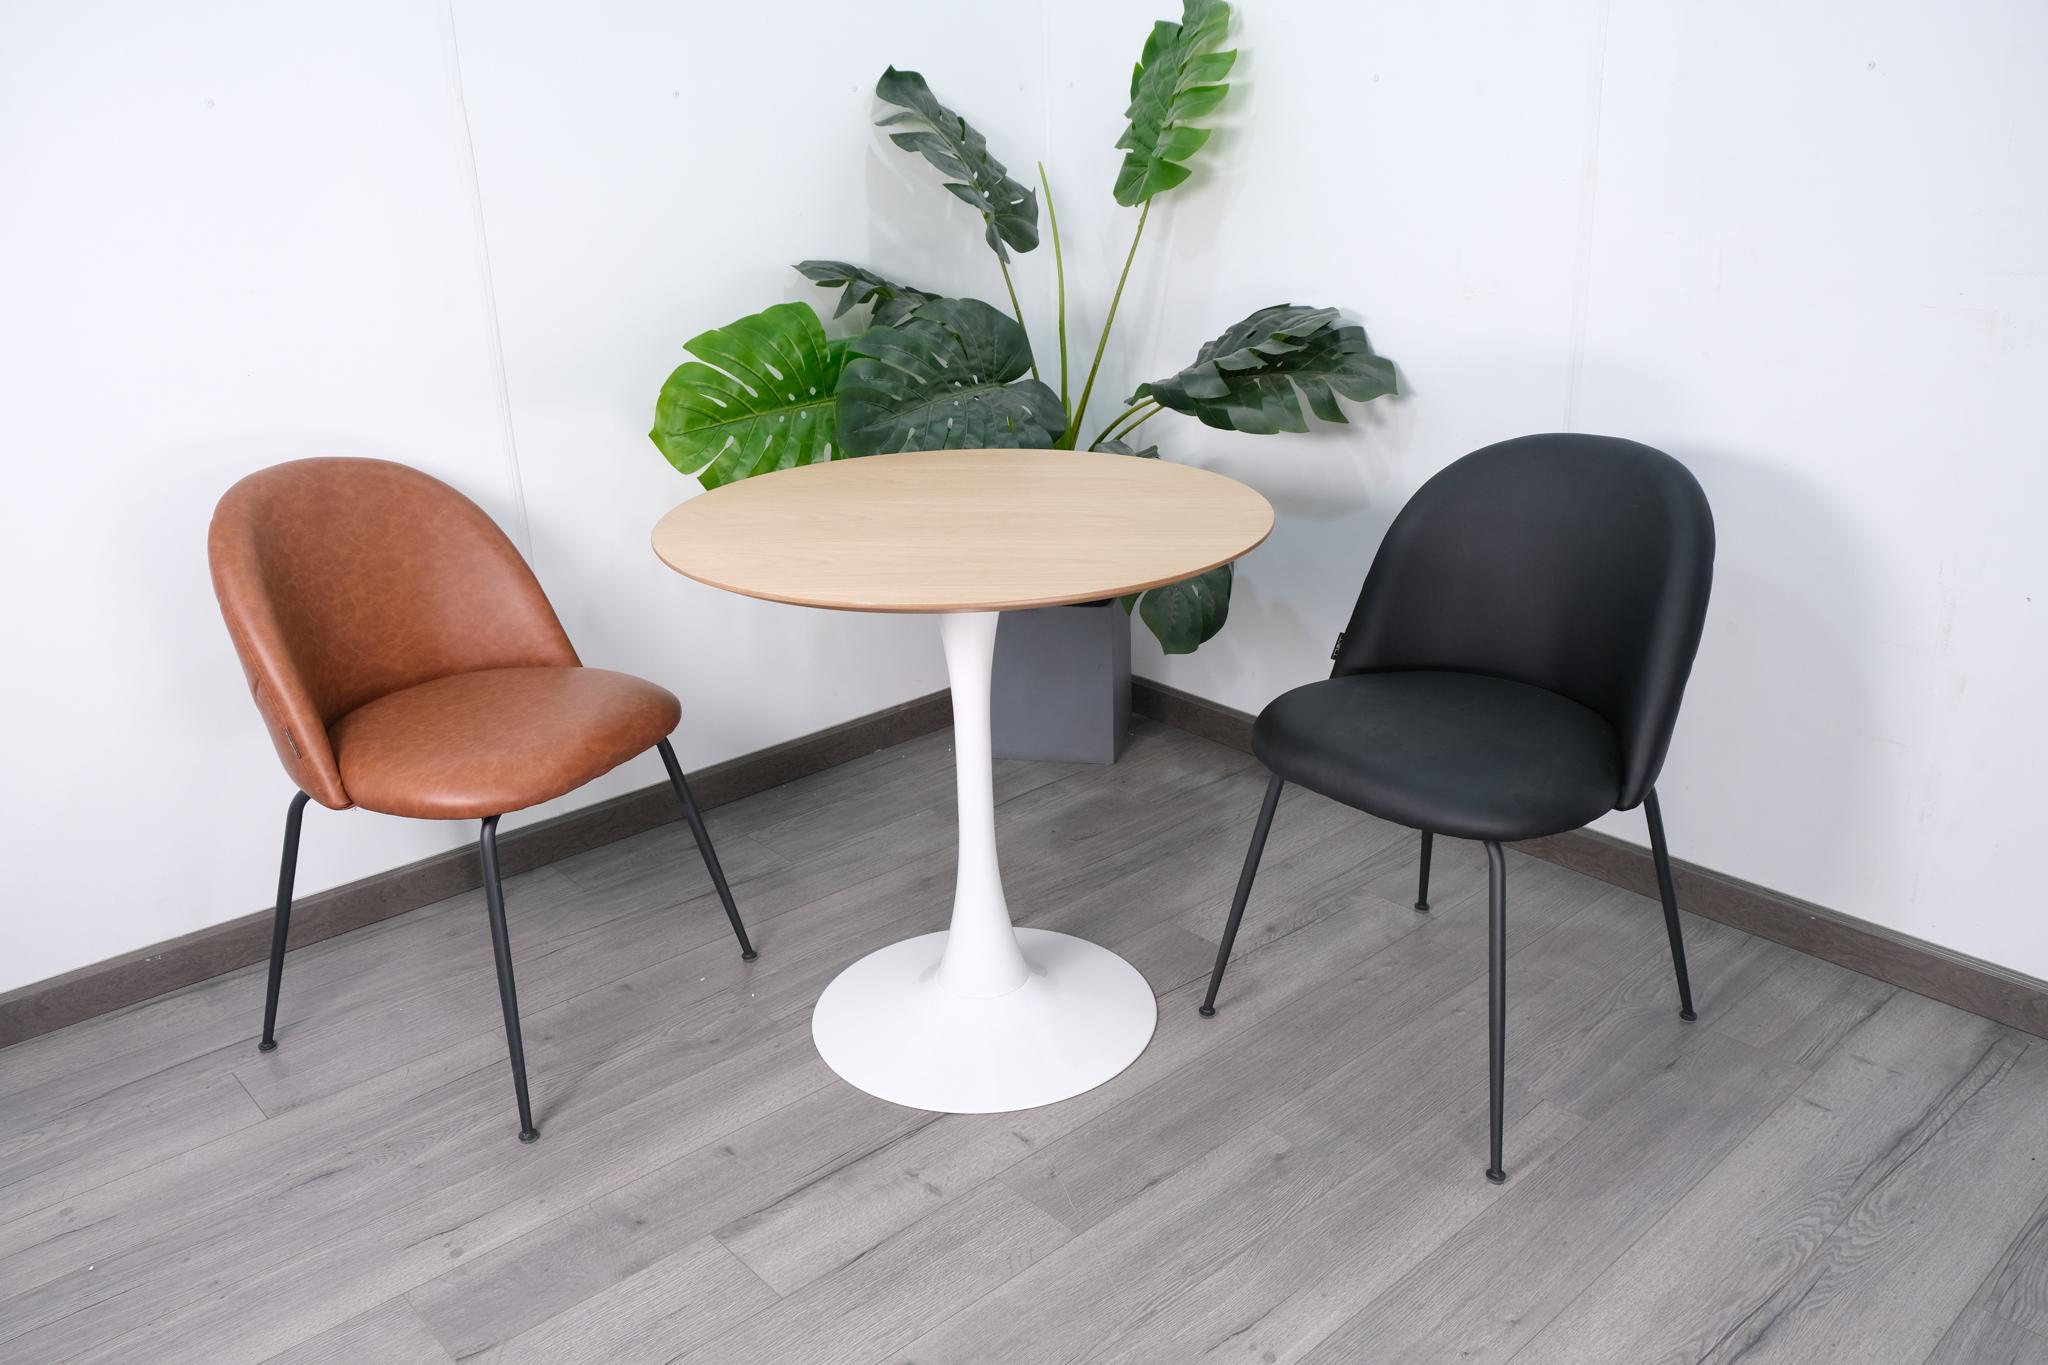 ghế ăn ghế bàn trà sofa bed sofa giường sofa sofa phòng khách sofa góc sofa da bò sofa cao cấp sofa cần thơ nội thất amy nội thất cần thơ